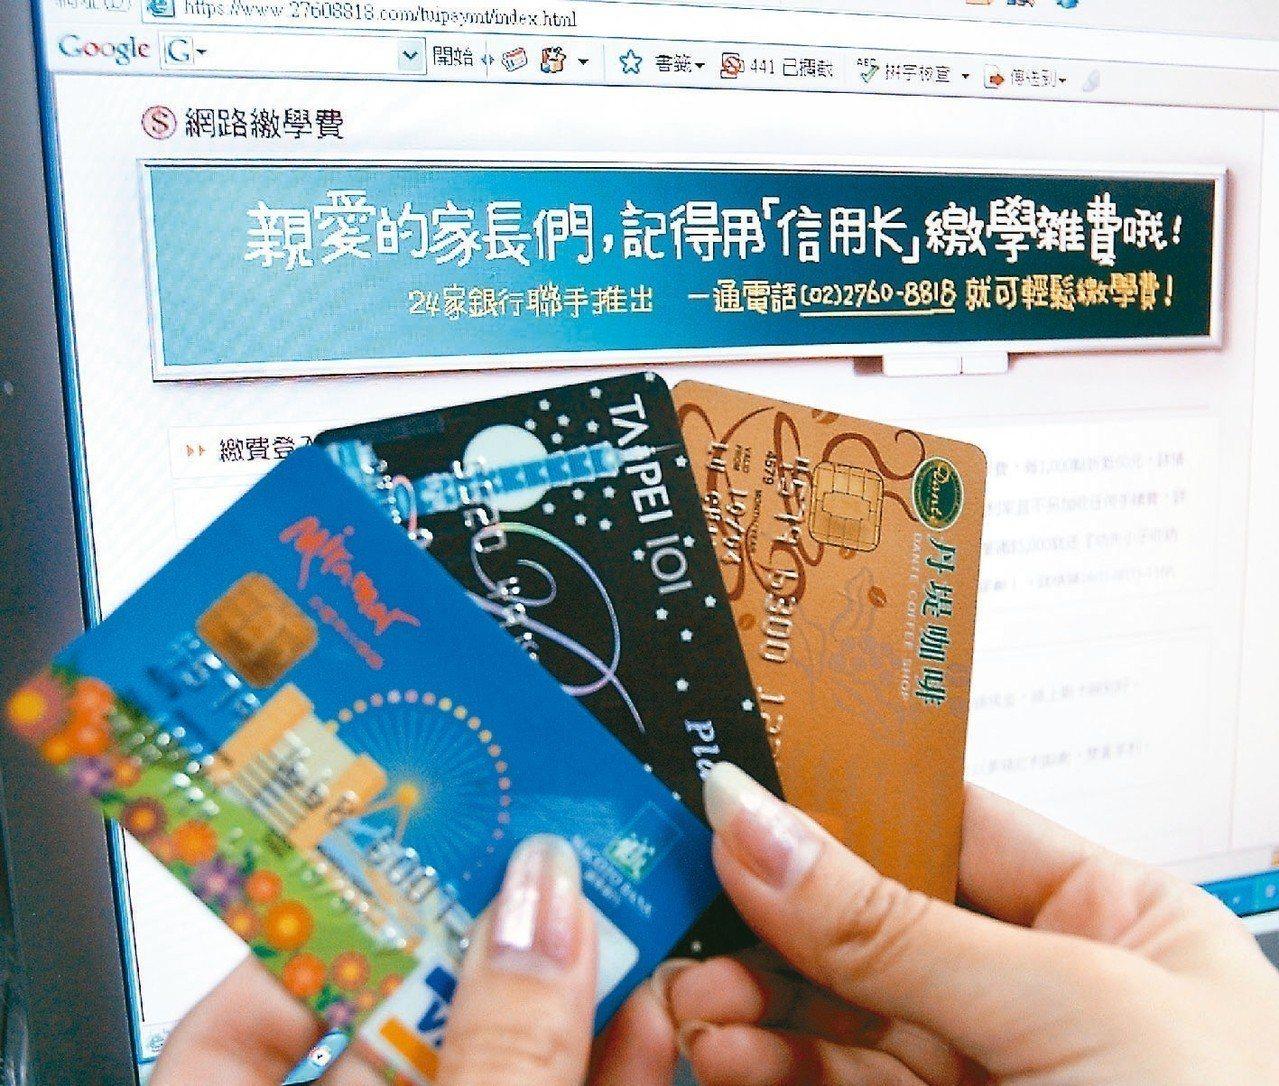 善用信用卡刷卡繳費,不但可以暫緩繳費,還能分期付款,減輕家長的財務負擔,甚至可以...